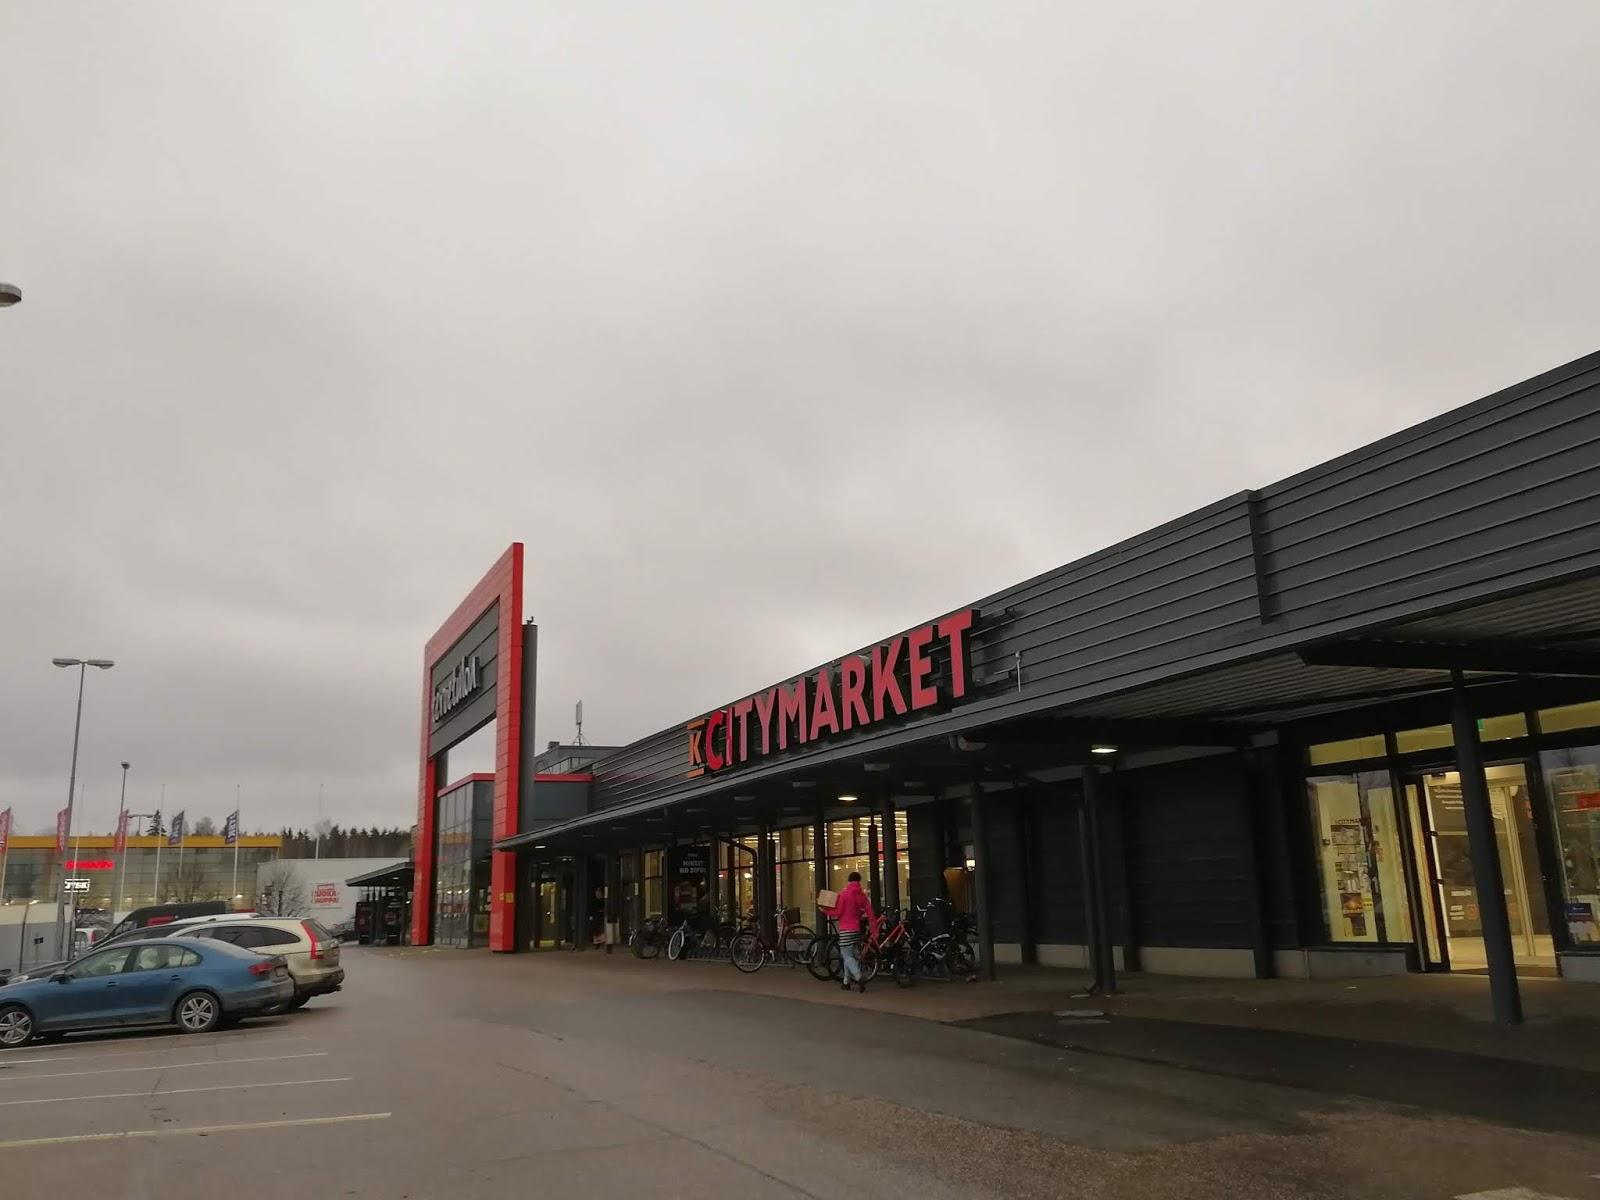 k-citymarket järvenpää